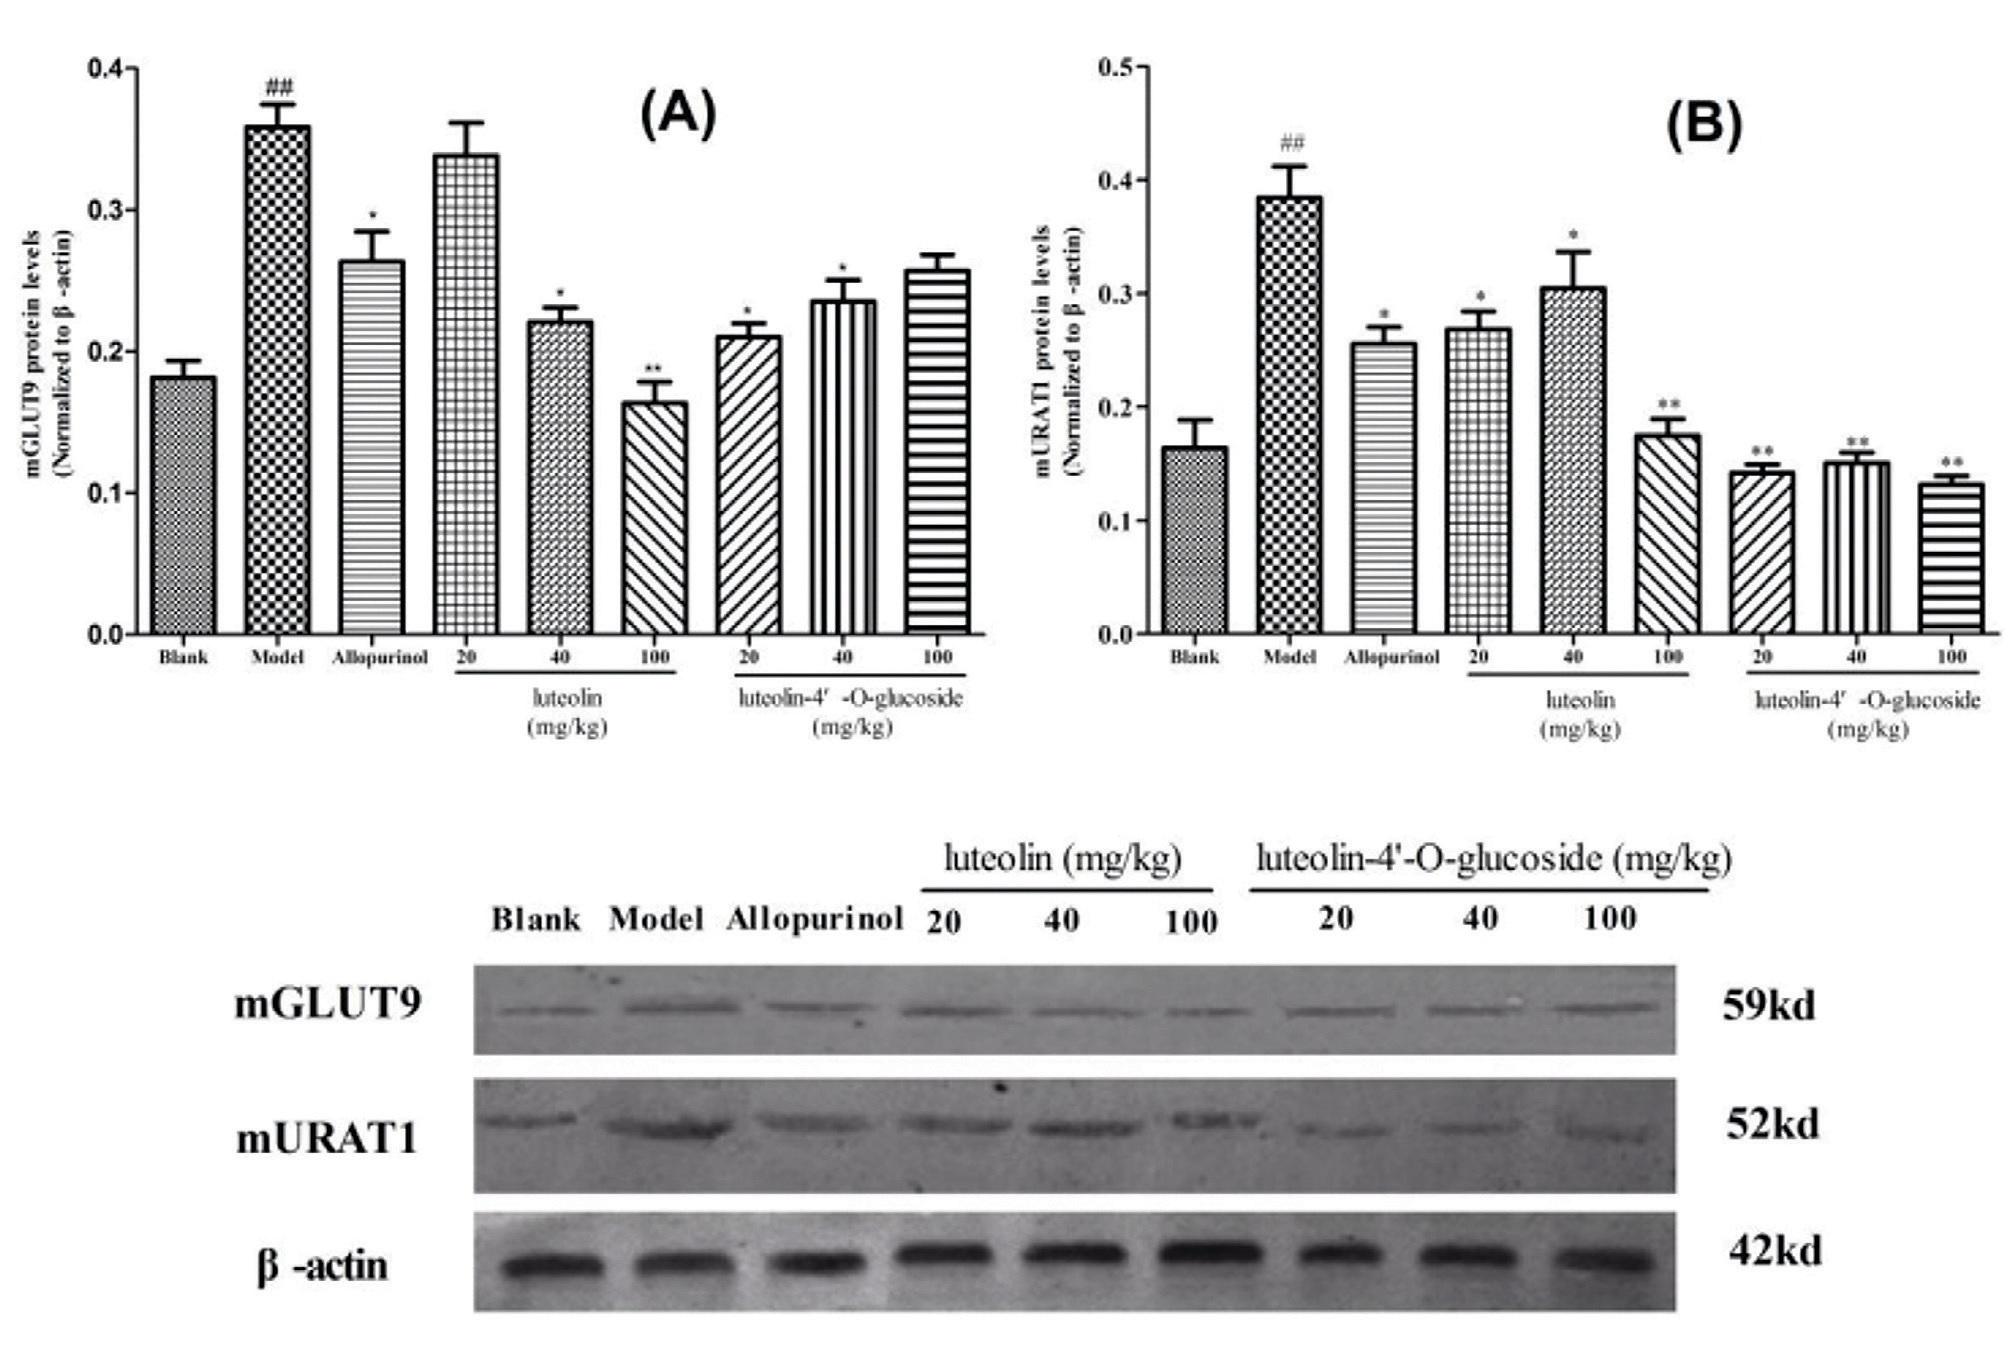 Эффекты Лютеолина и Лютеолин-4-О-гликозида и аллопуринола на экспрессию белков mGLUT9 (A) и mURAT1 (B) в почечной ткани у мышей с гиперурикемией